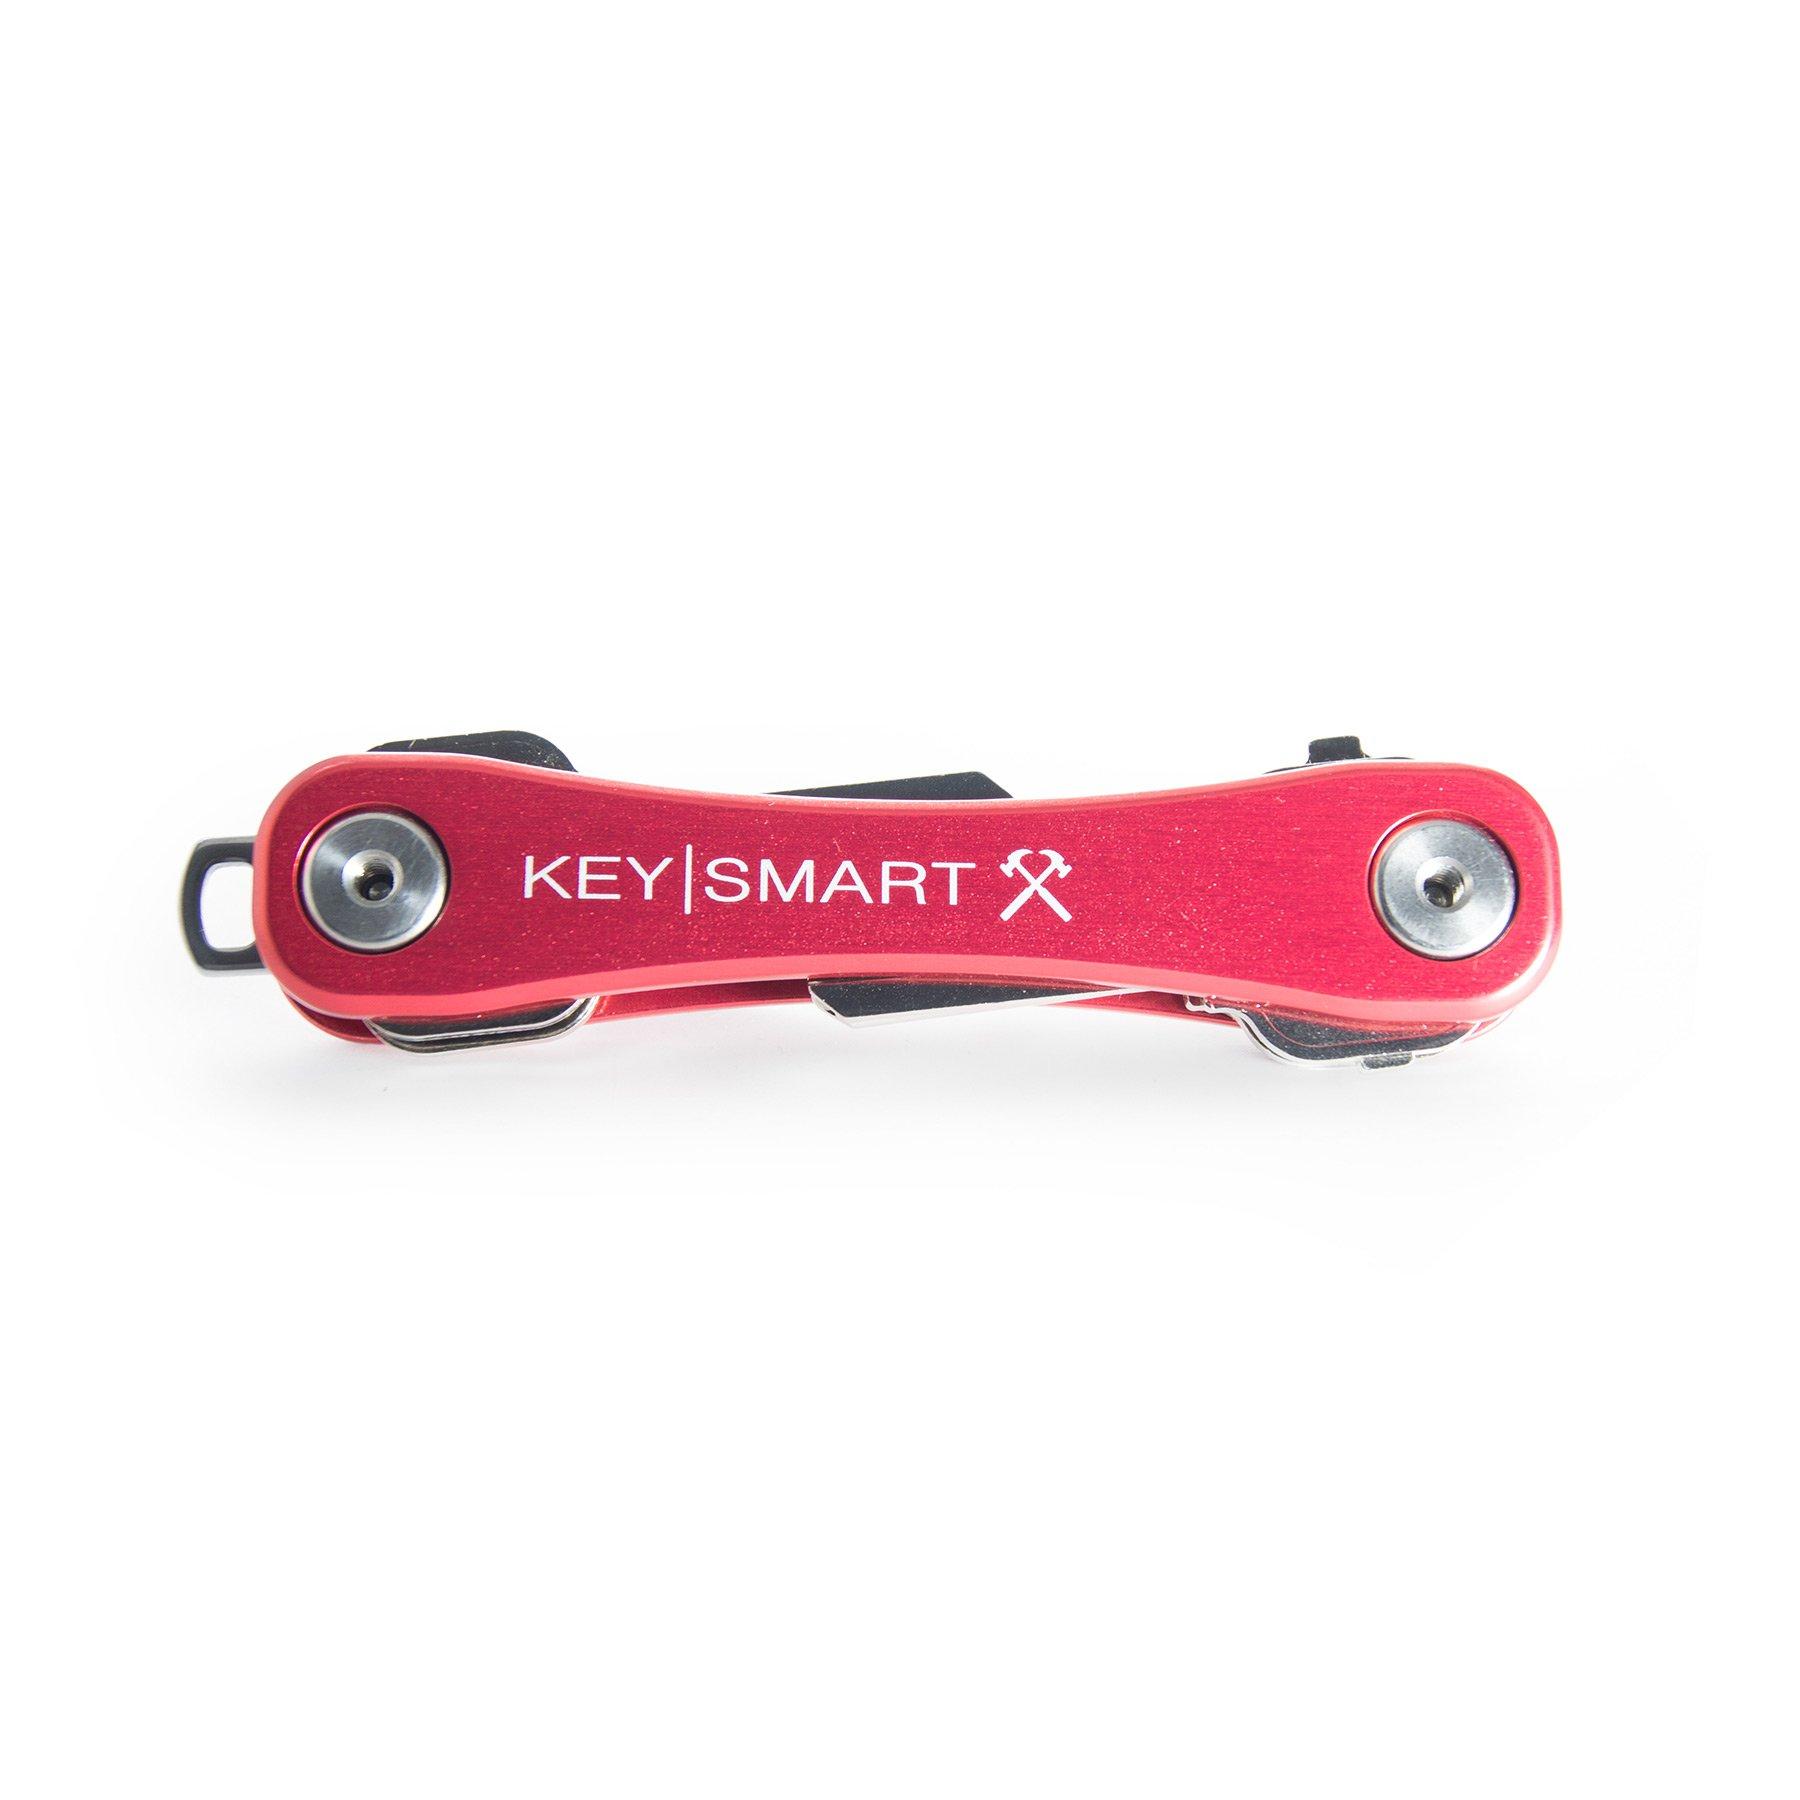 Keysmart Rugged - Red